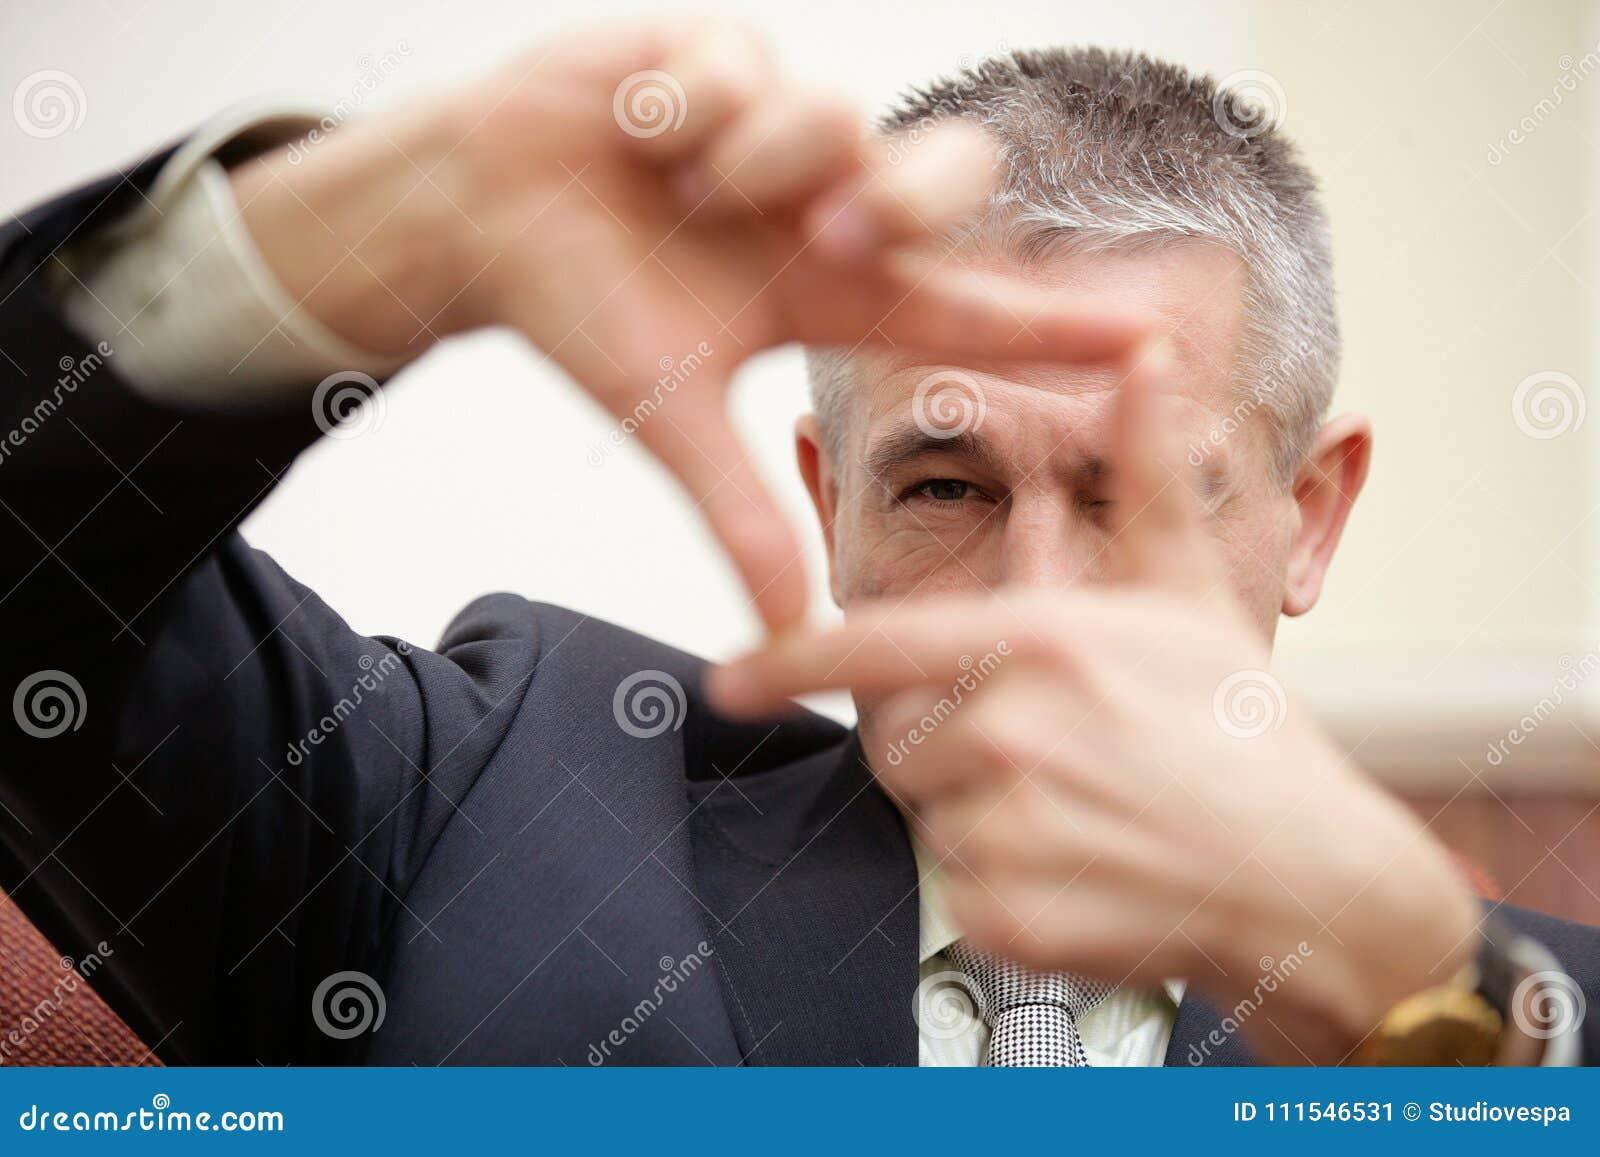 Ώριμος επιχειρηματίας που κοιτάζει μέσω του τετραγωνικού πλαισίου που κάνει από το δάχτυλο